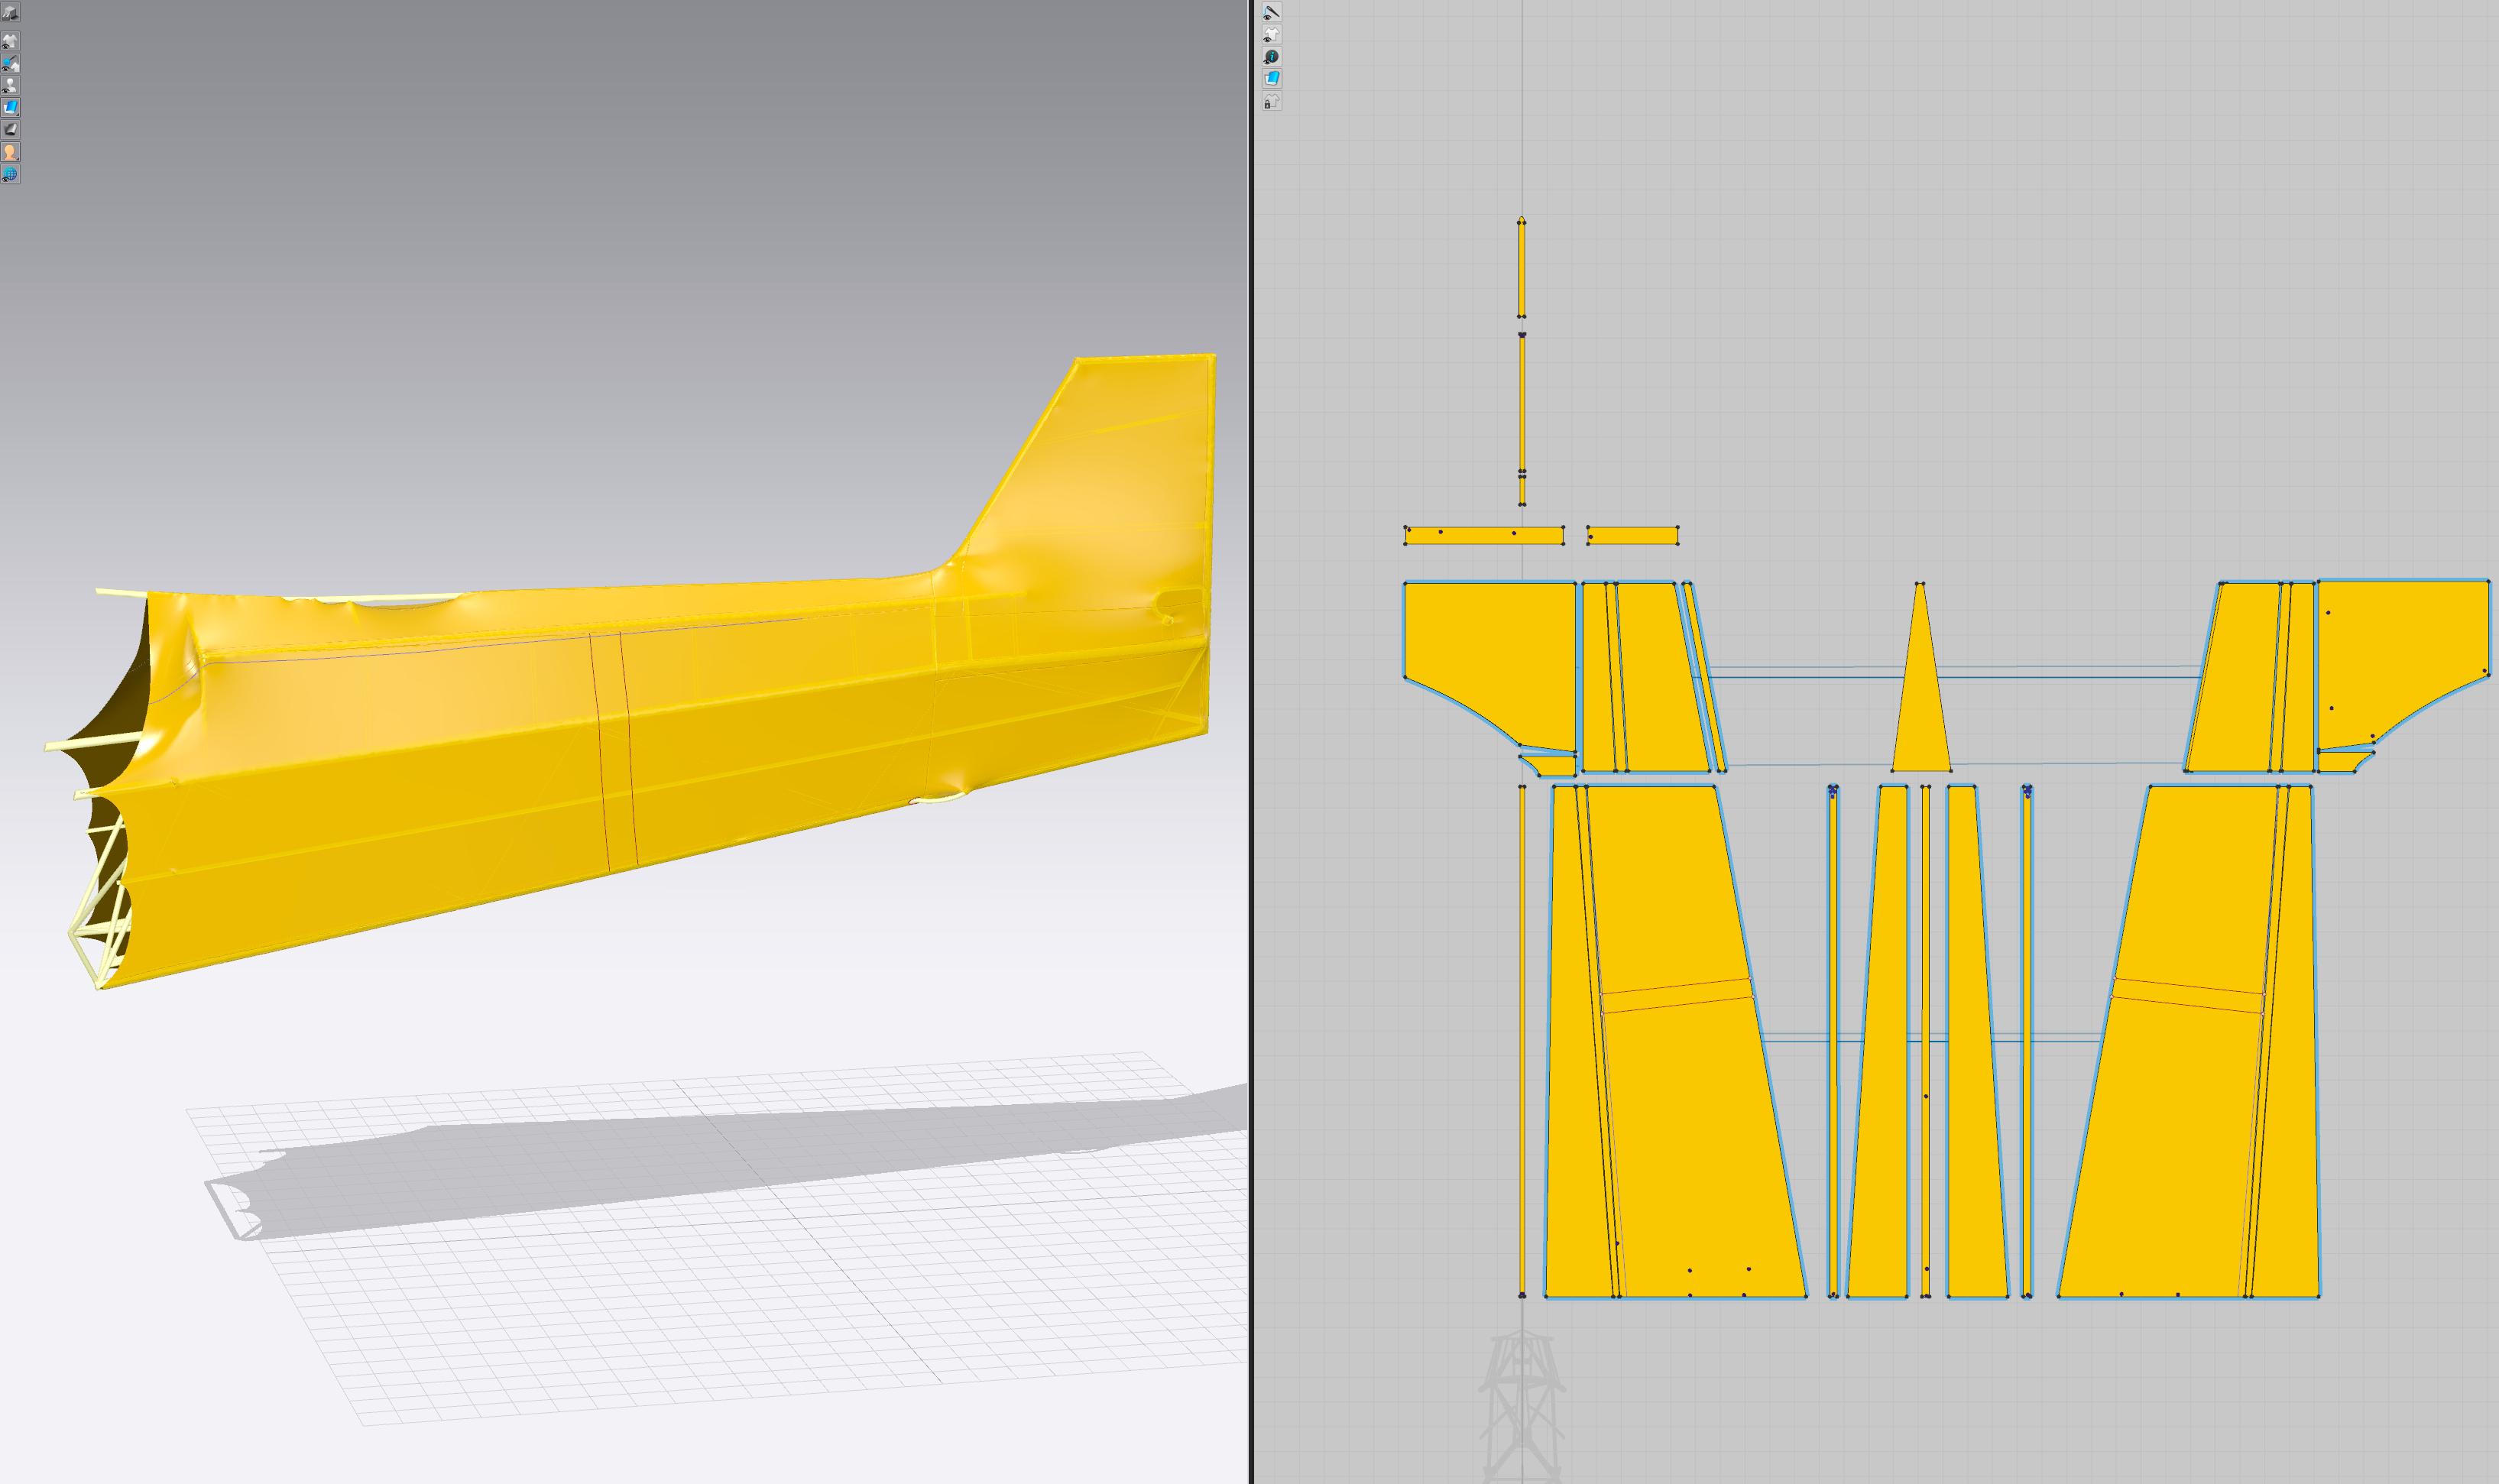 J-3CUB-FuselageFrame-Proto3.jpg.png